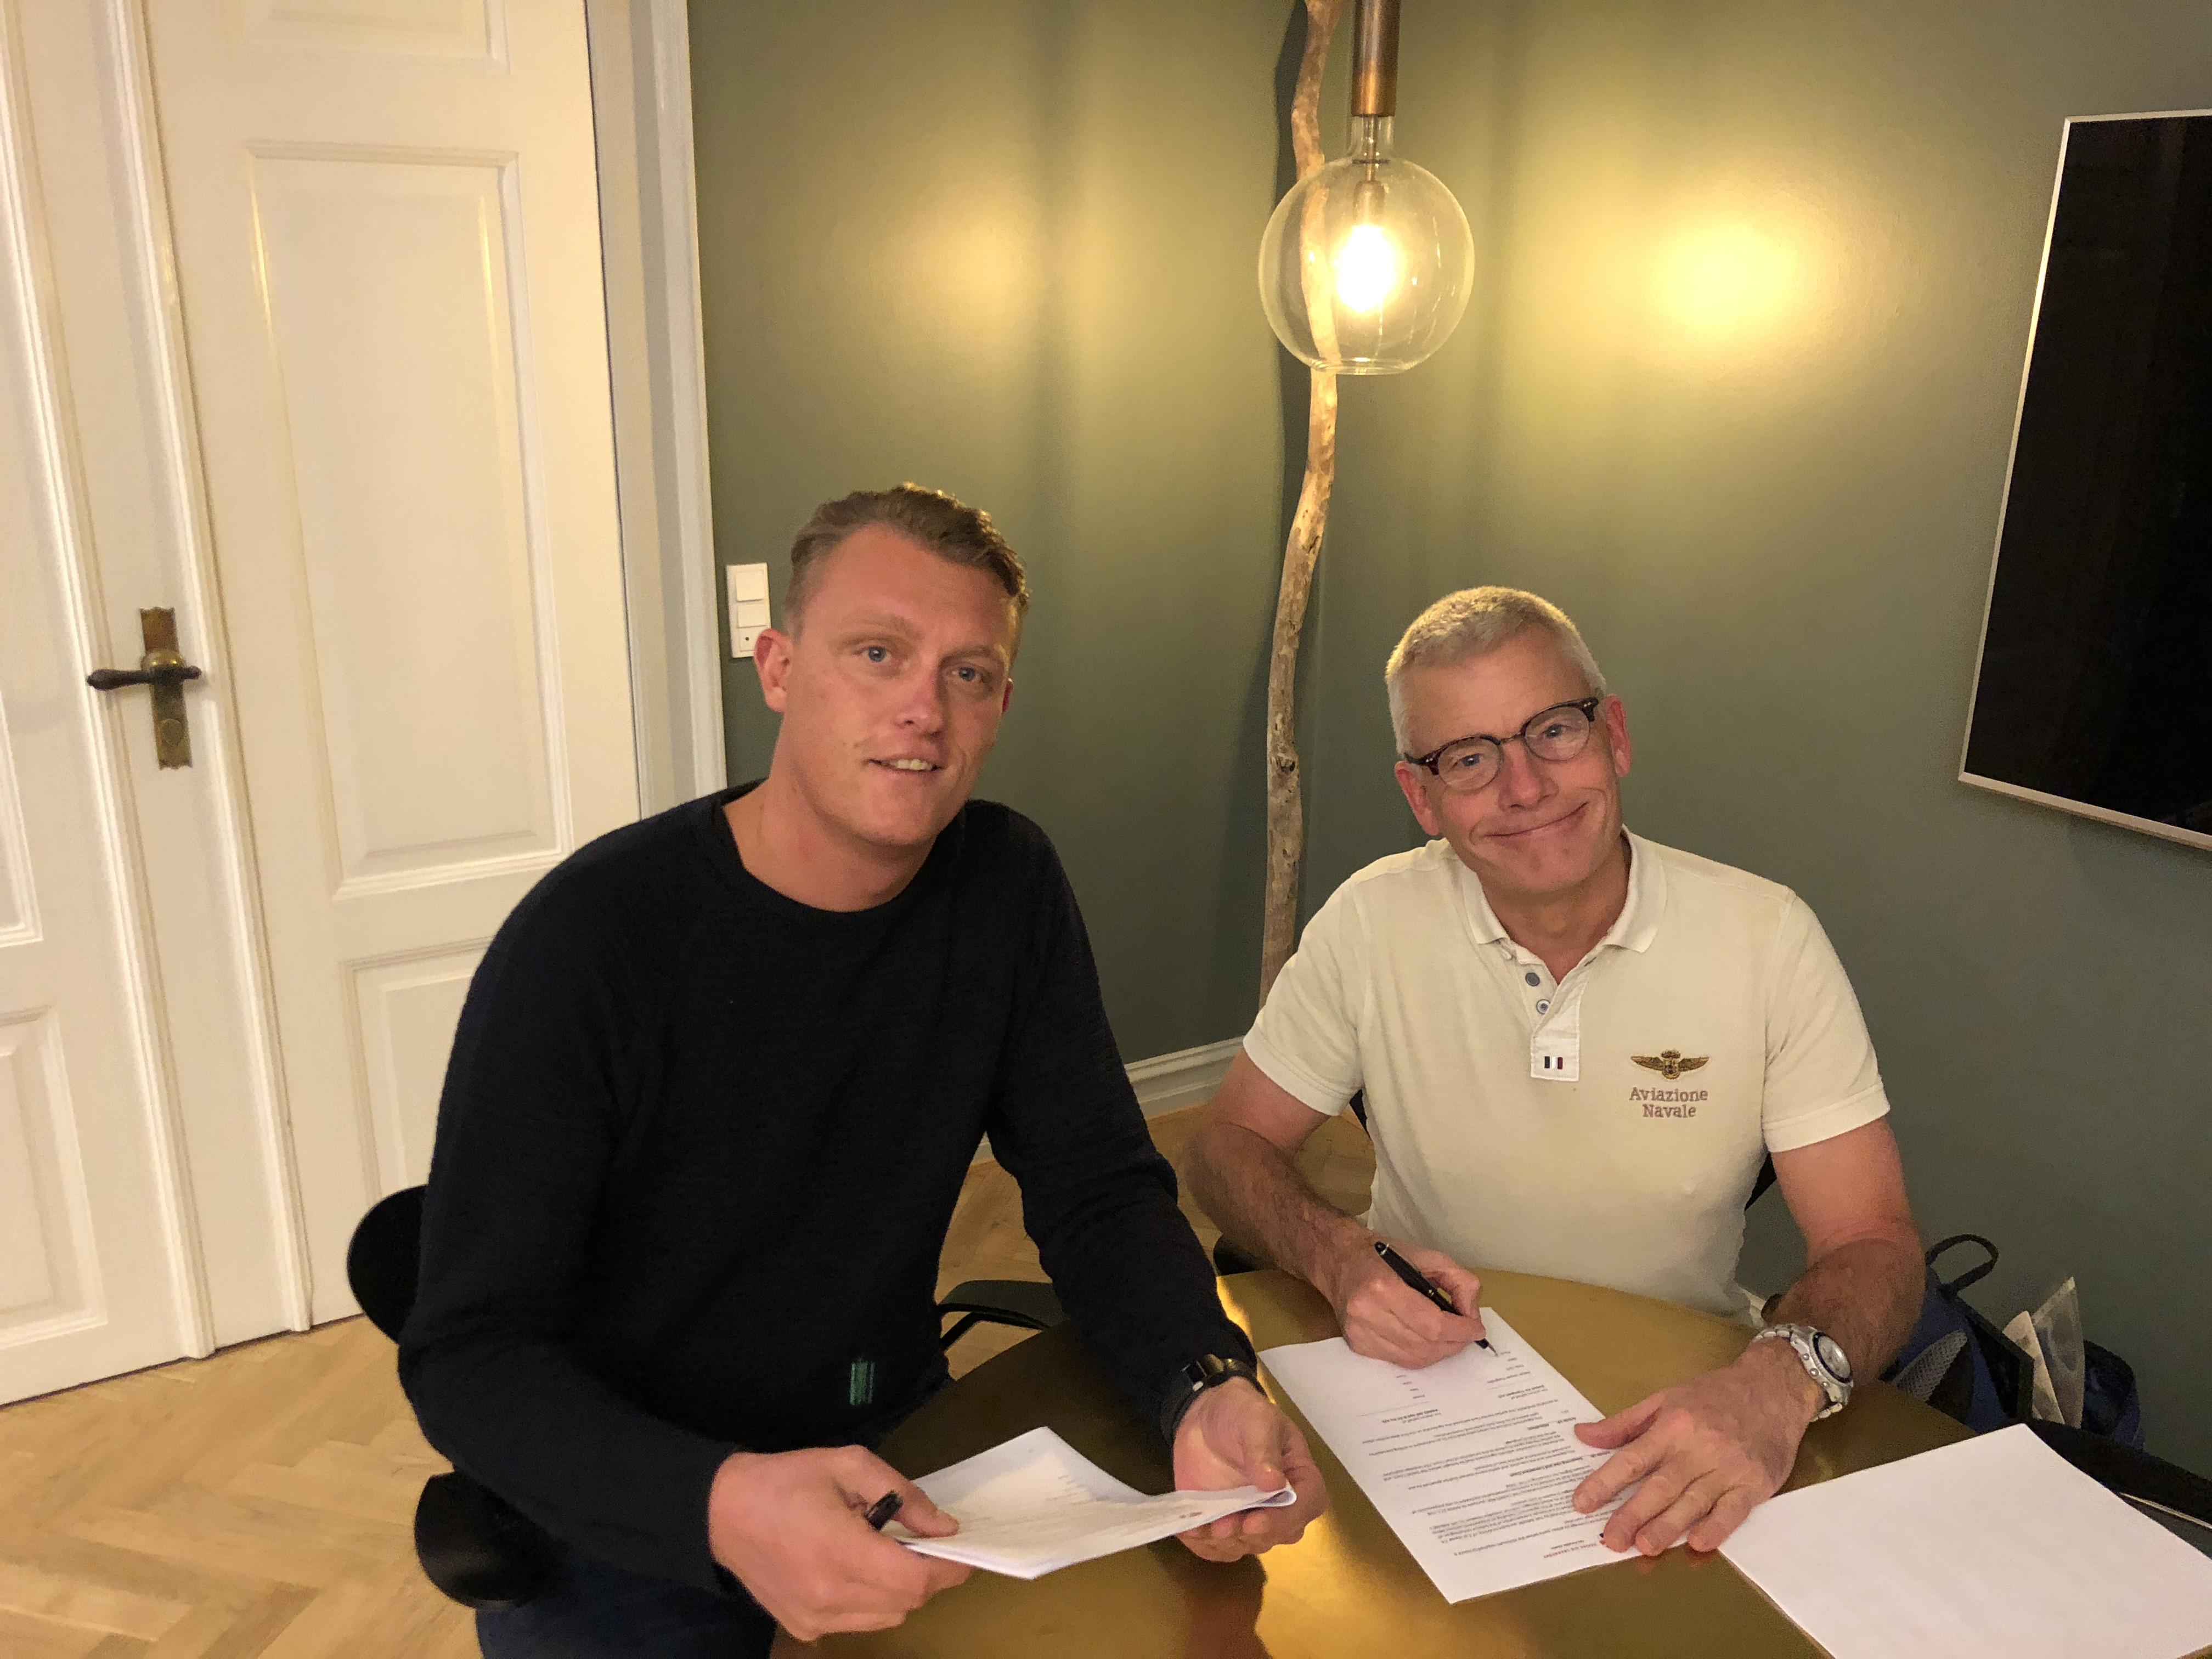 Adm. direktør Bjarke Hansen, Primo Tours (t.v.)  og adm. direktør Jesper Rungholm, DAT.